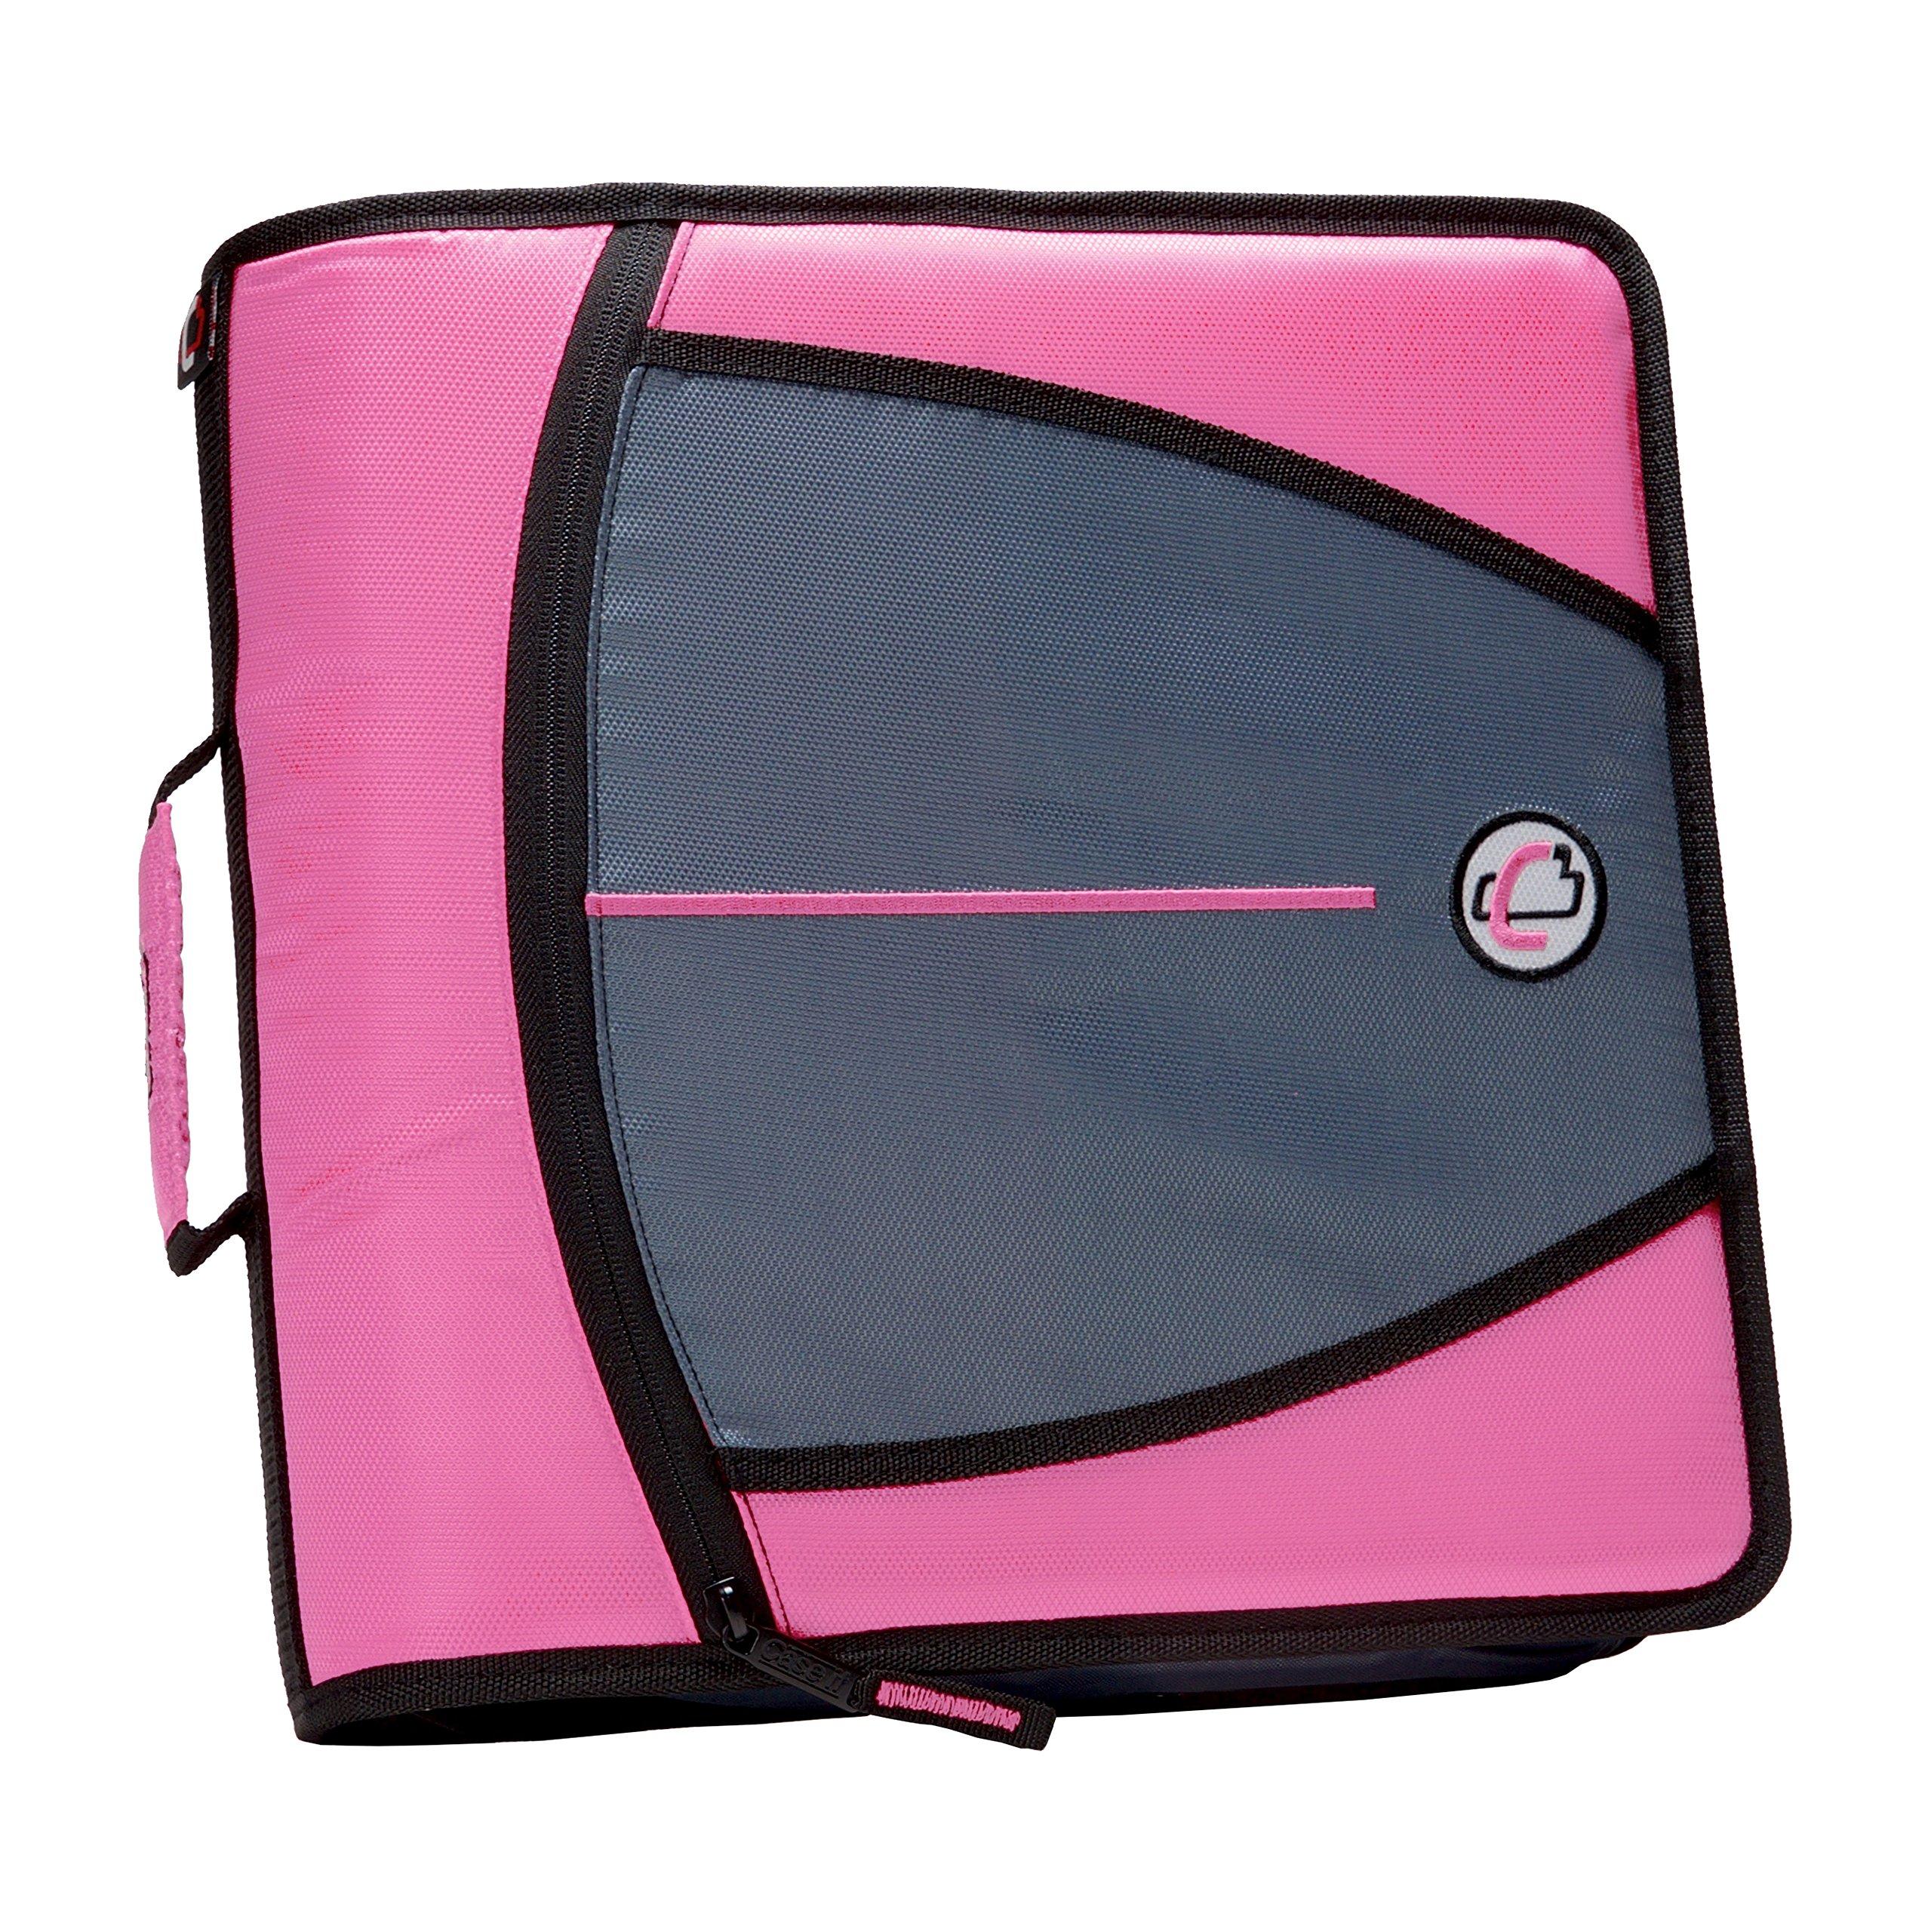 Case-it Mighty Zip Tab 3-Inch Zipper Binder, Pink, D-146-PNK by Case it